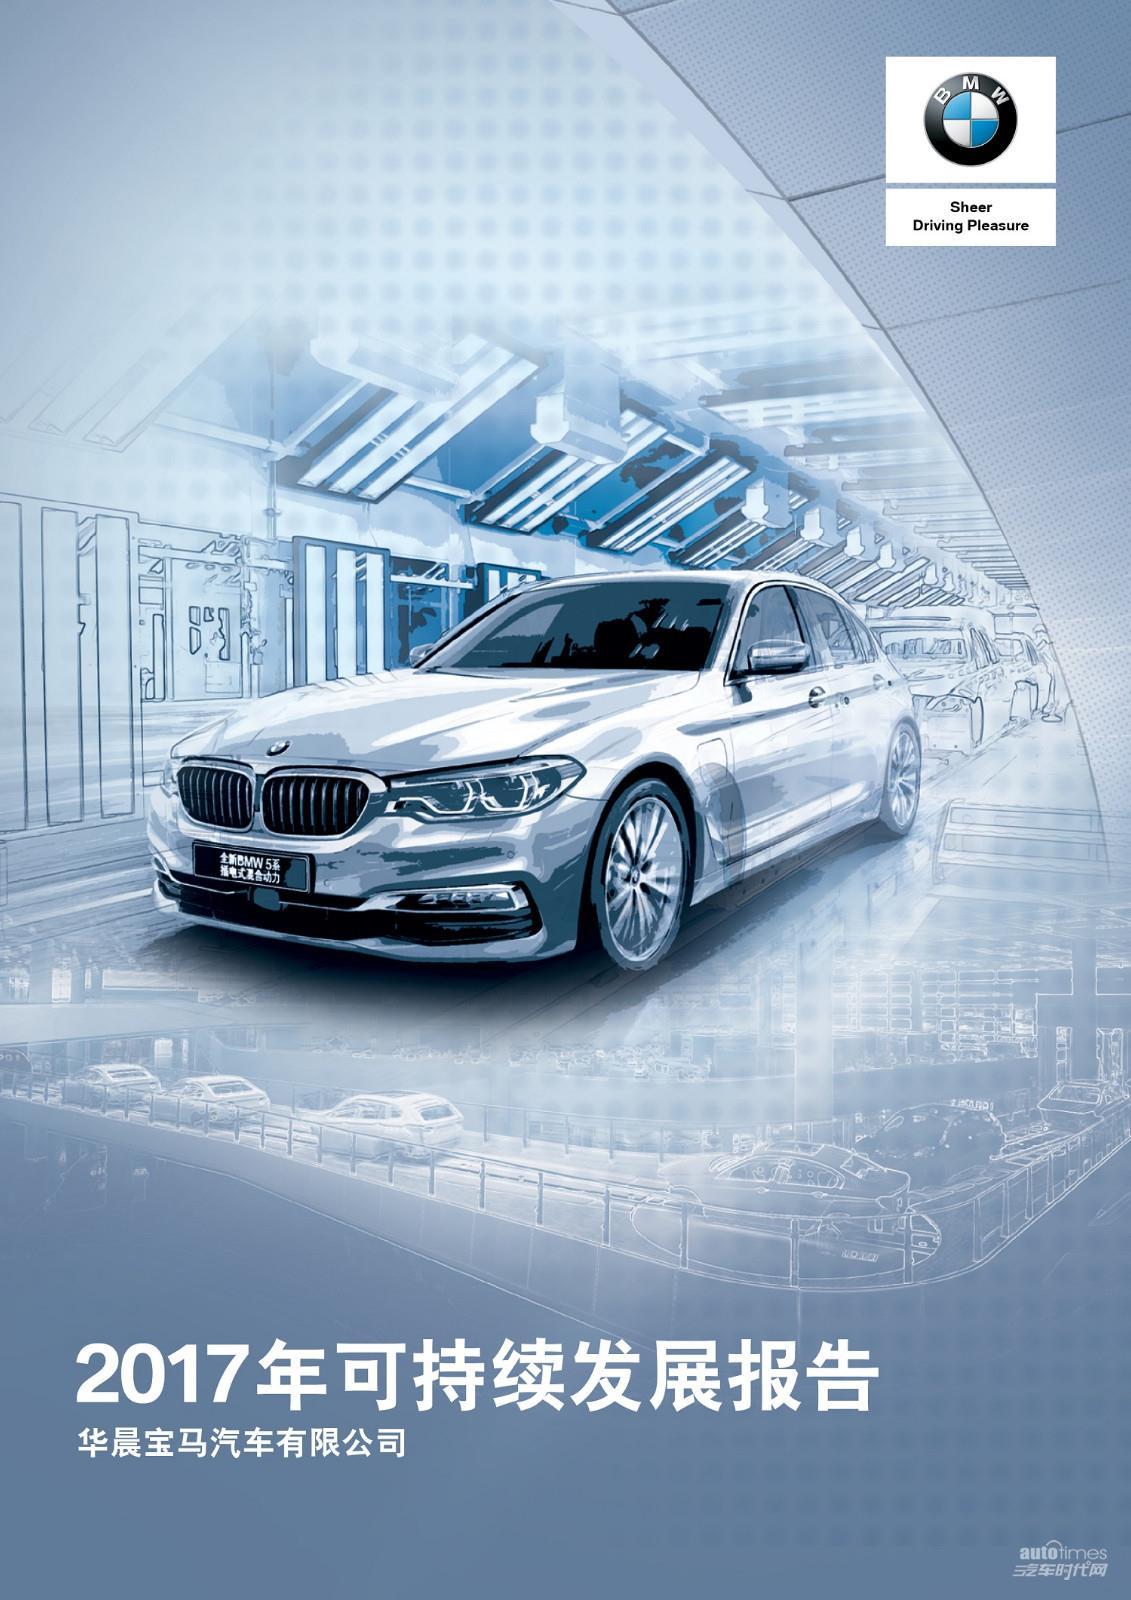 华晨宝马倒数第五年发布《可持续发展报告》